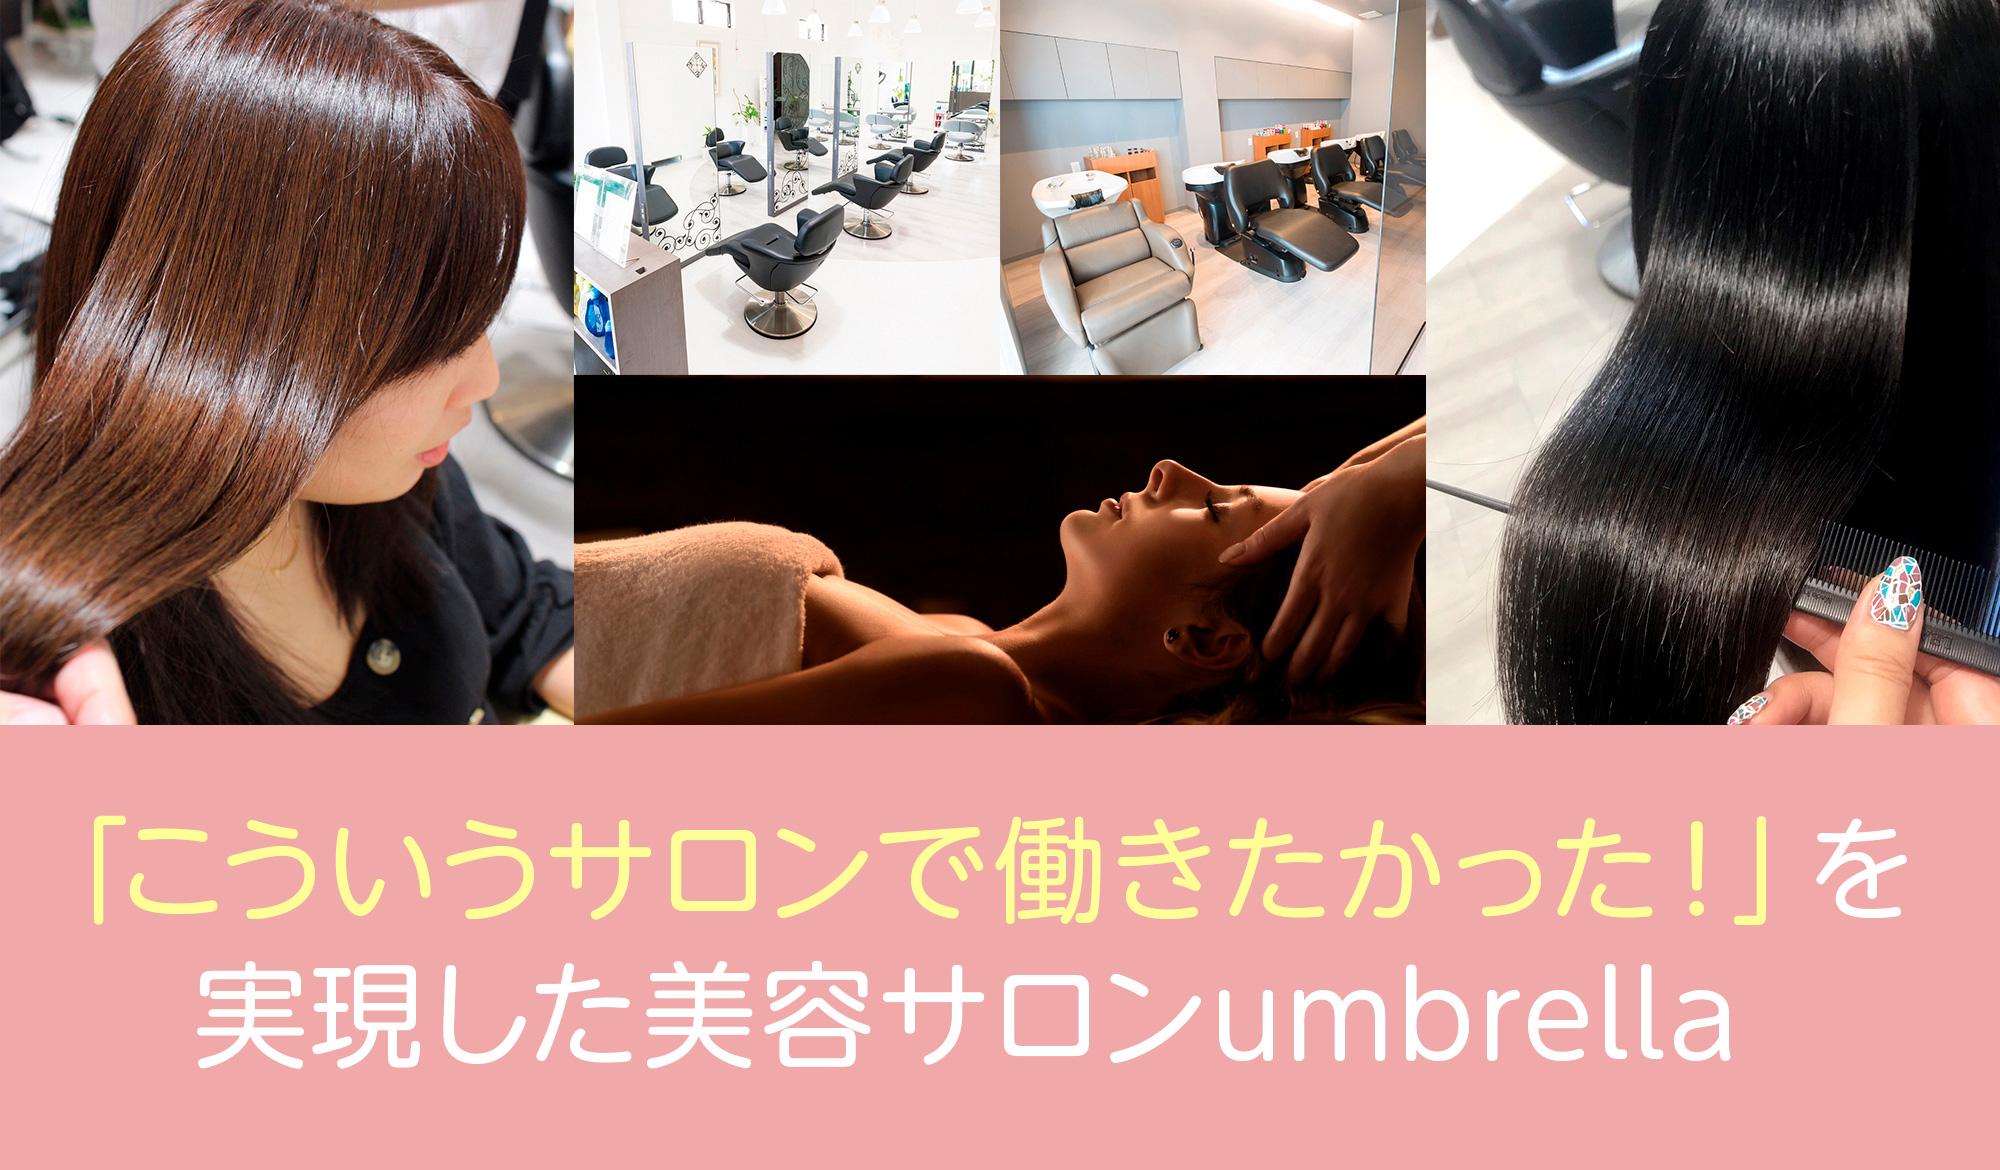 美容師の働き方が変わる♪仕事とプライベートが充実するカッコイイ美容師の働き方を提供